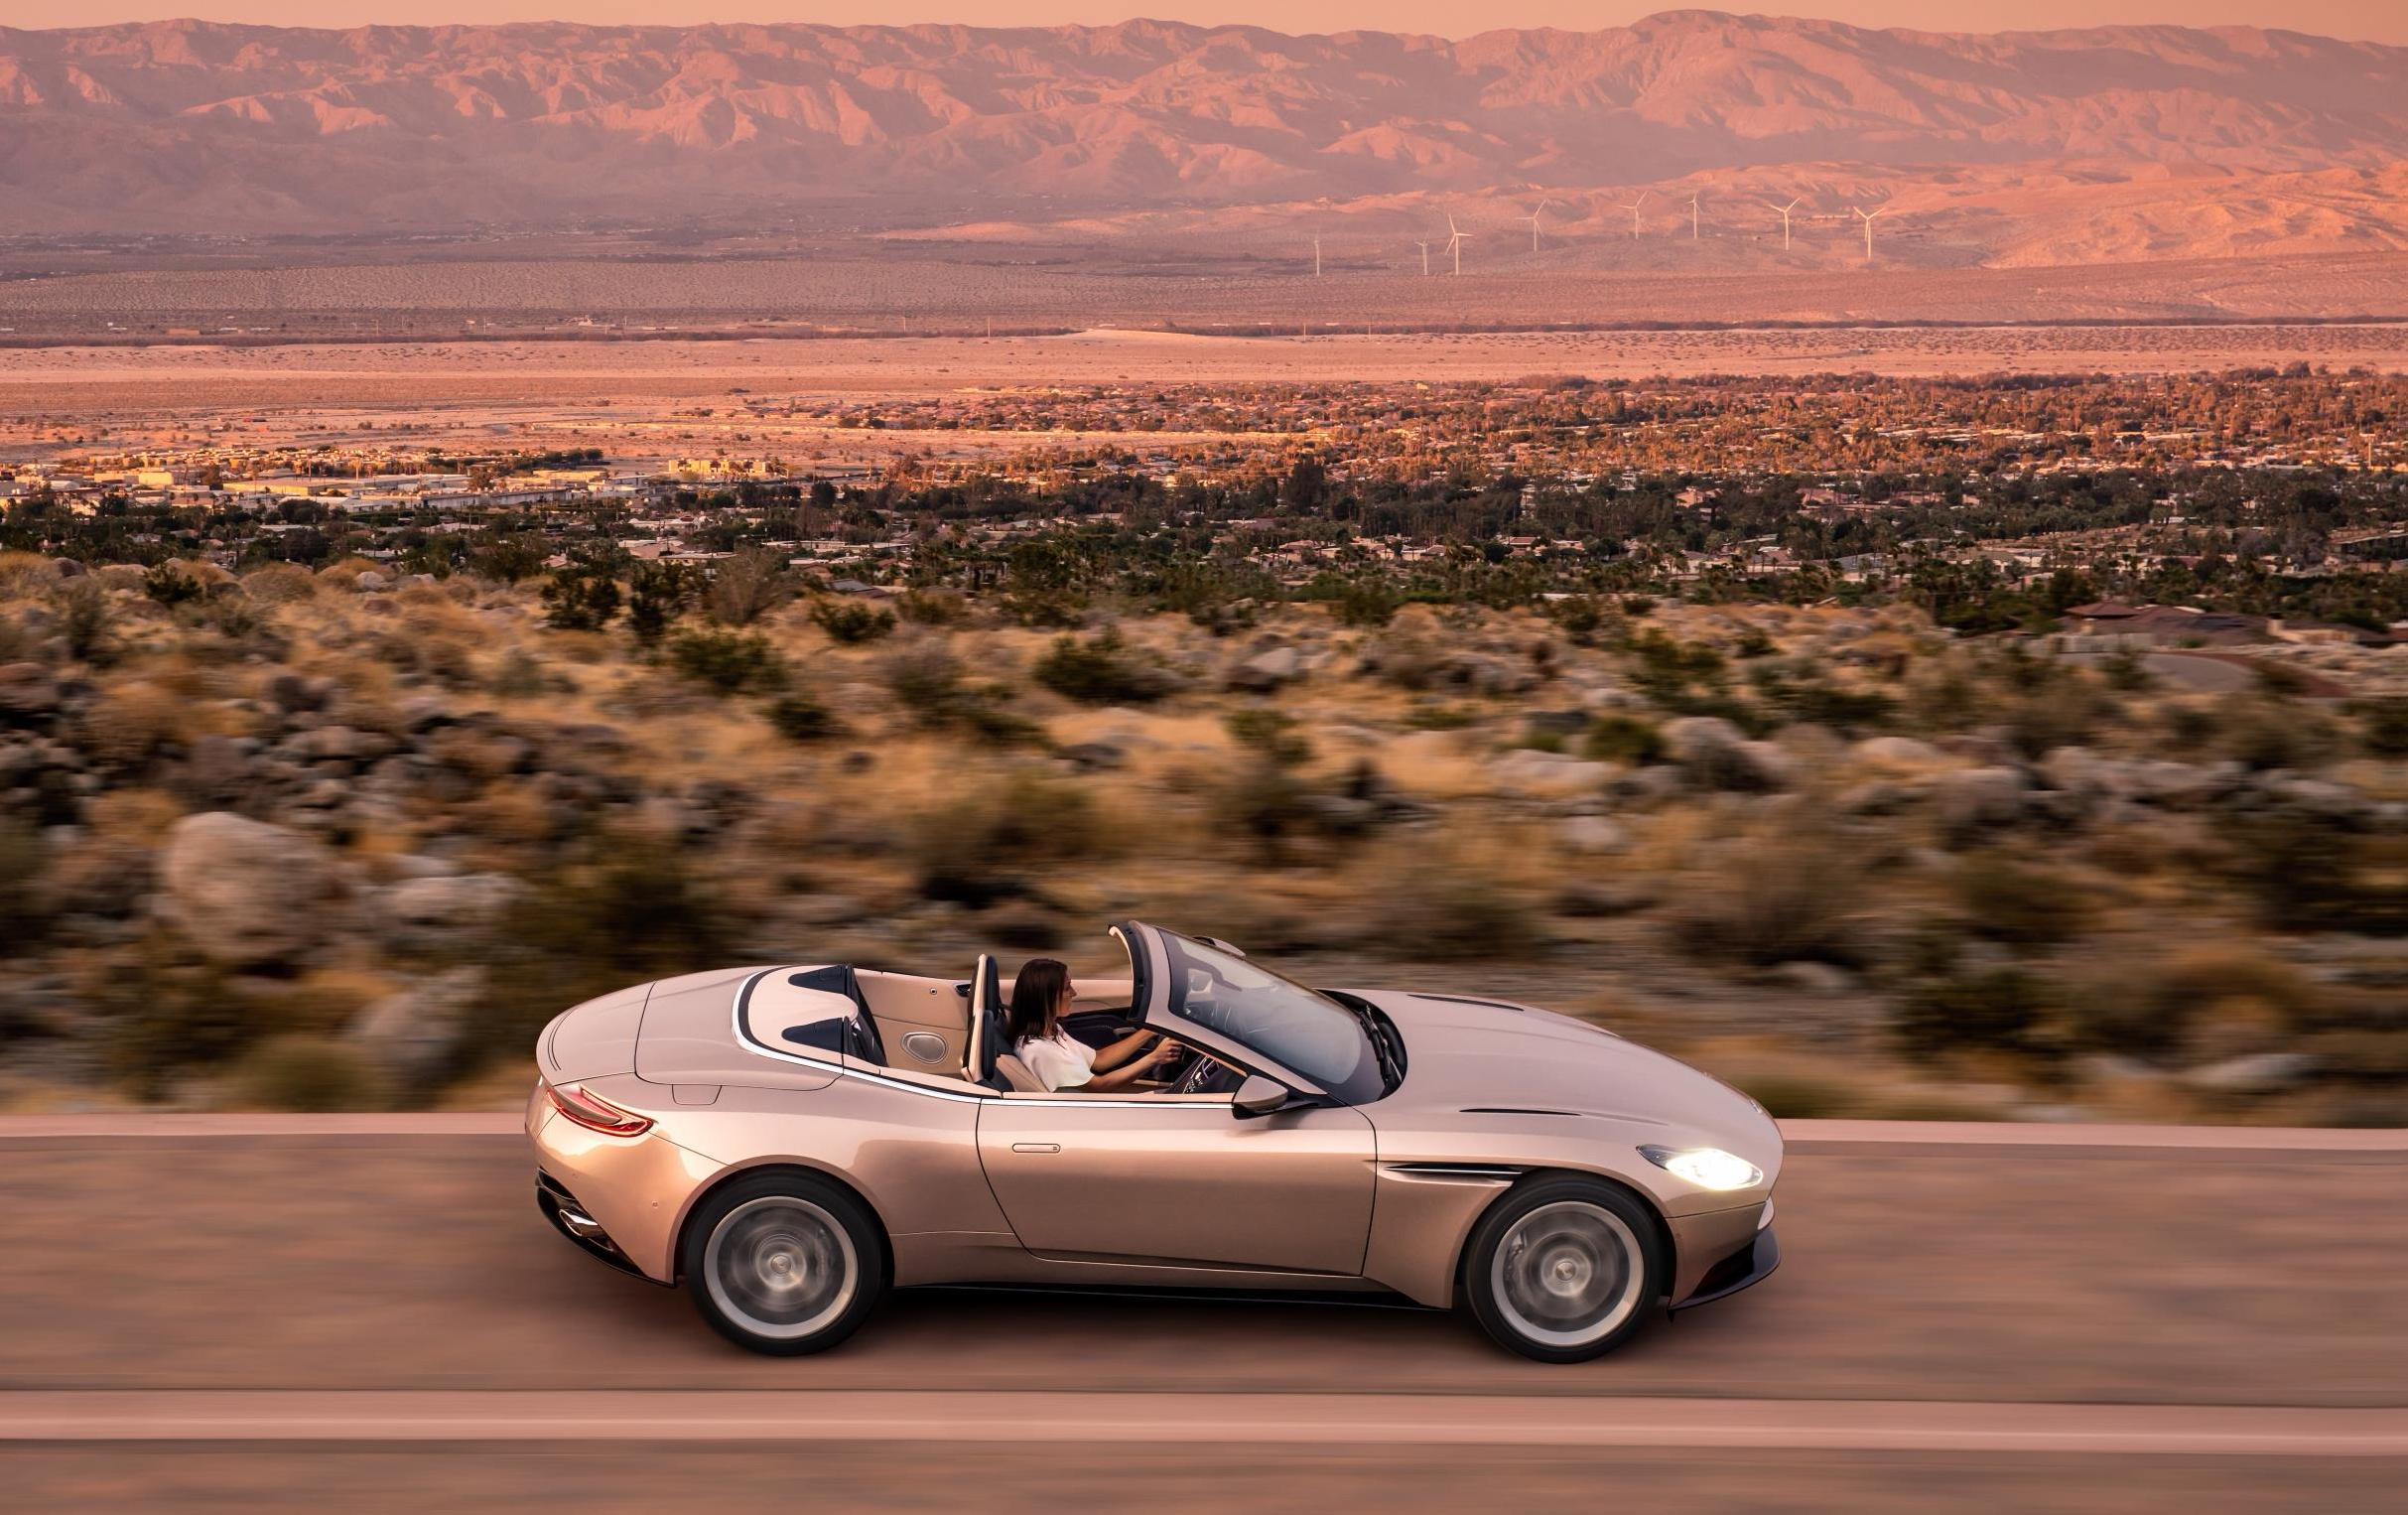 Aston Martin unveils the drop-top DB11 Volante Convertible